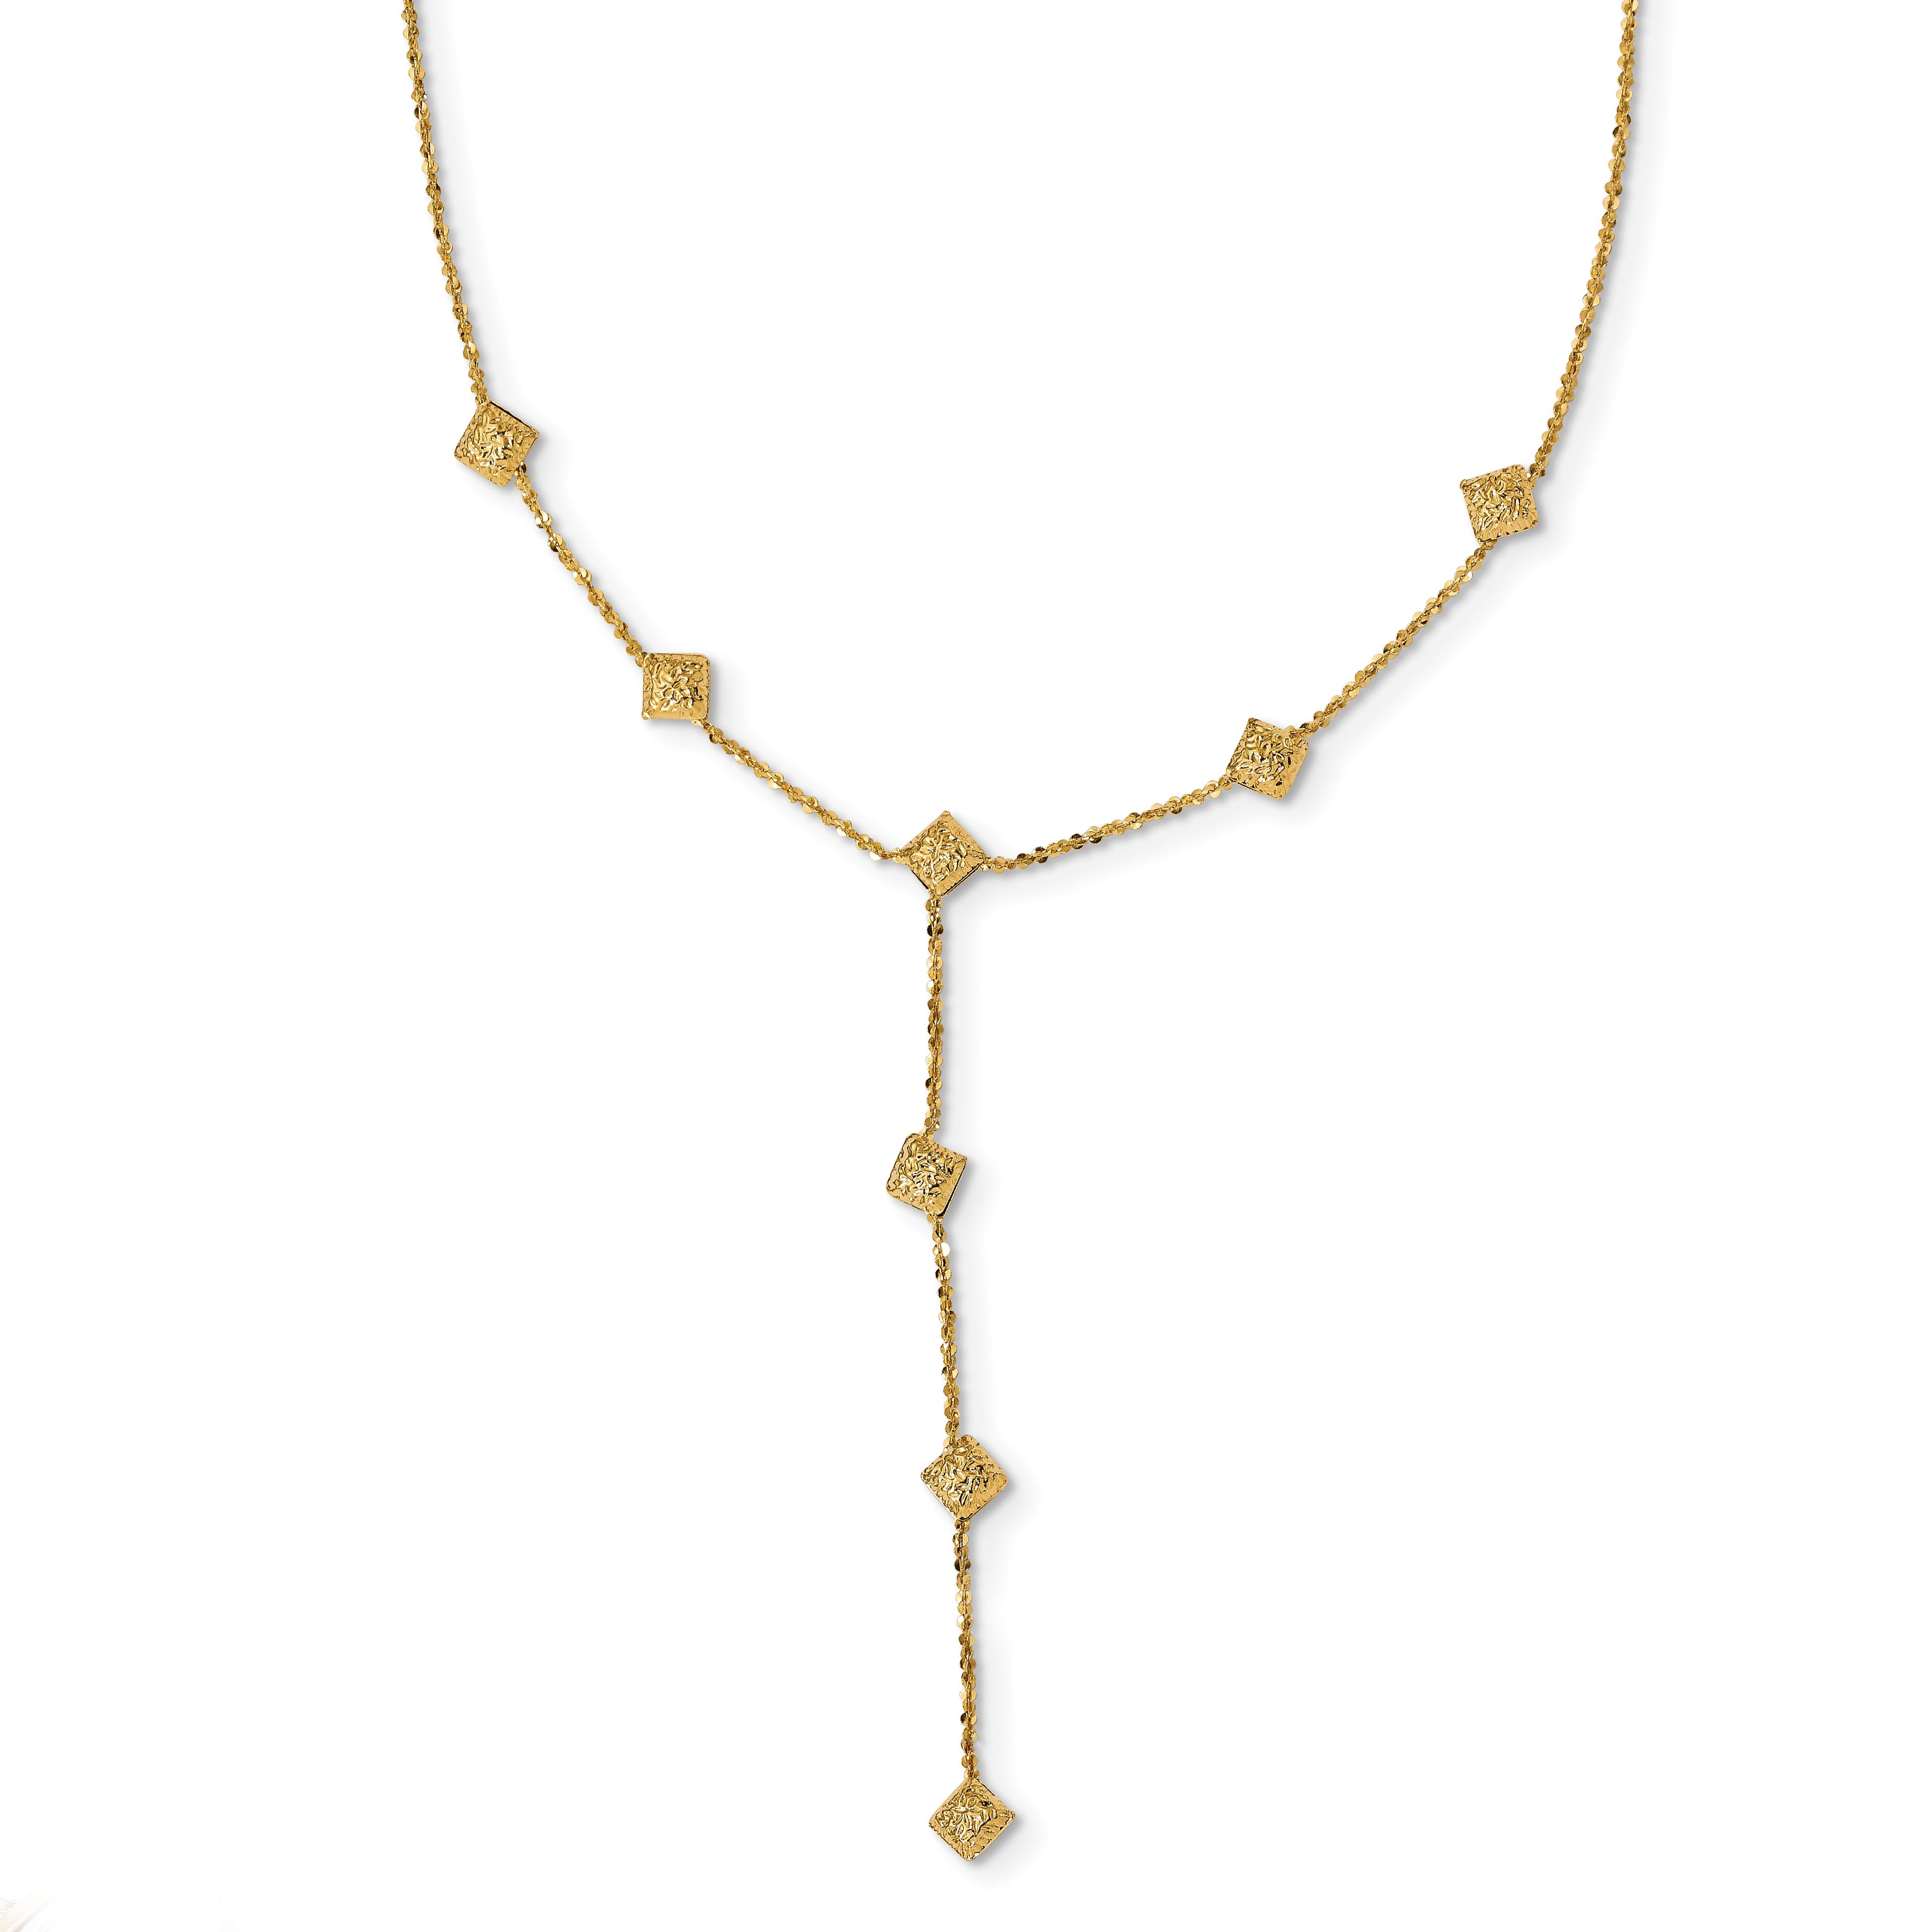 Leslie's 14K Polished & Textured Y Drop Necklace